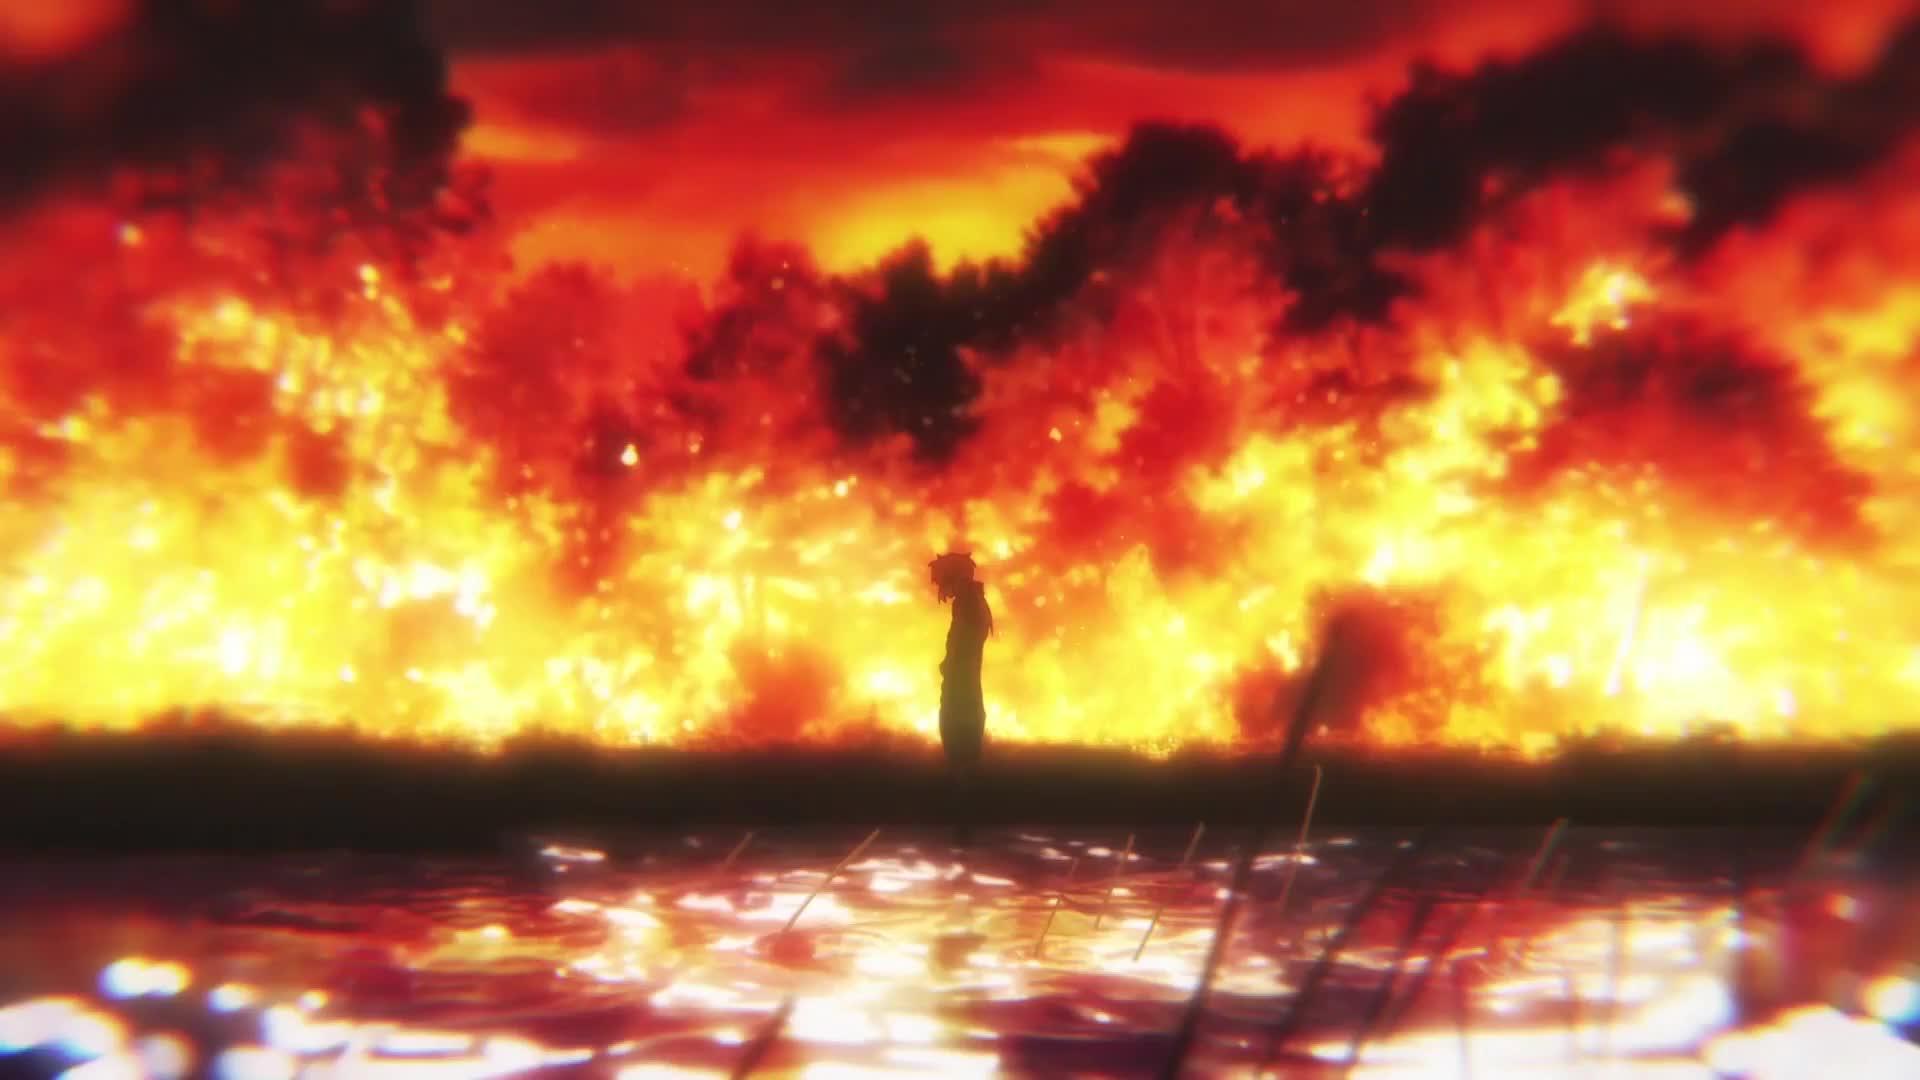 Violet Evergarden мир в огне - живые обои